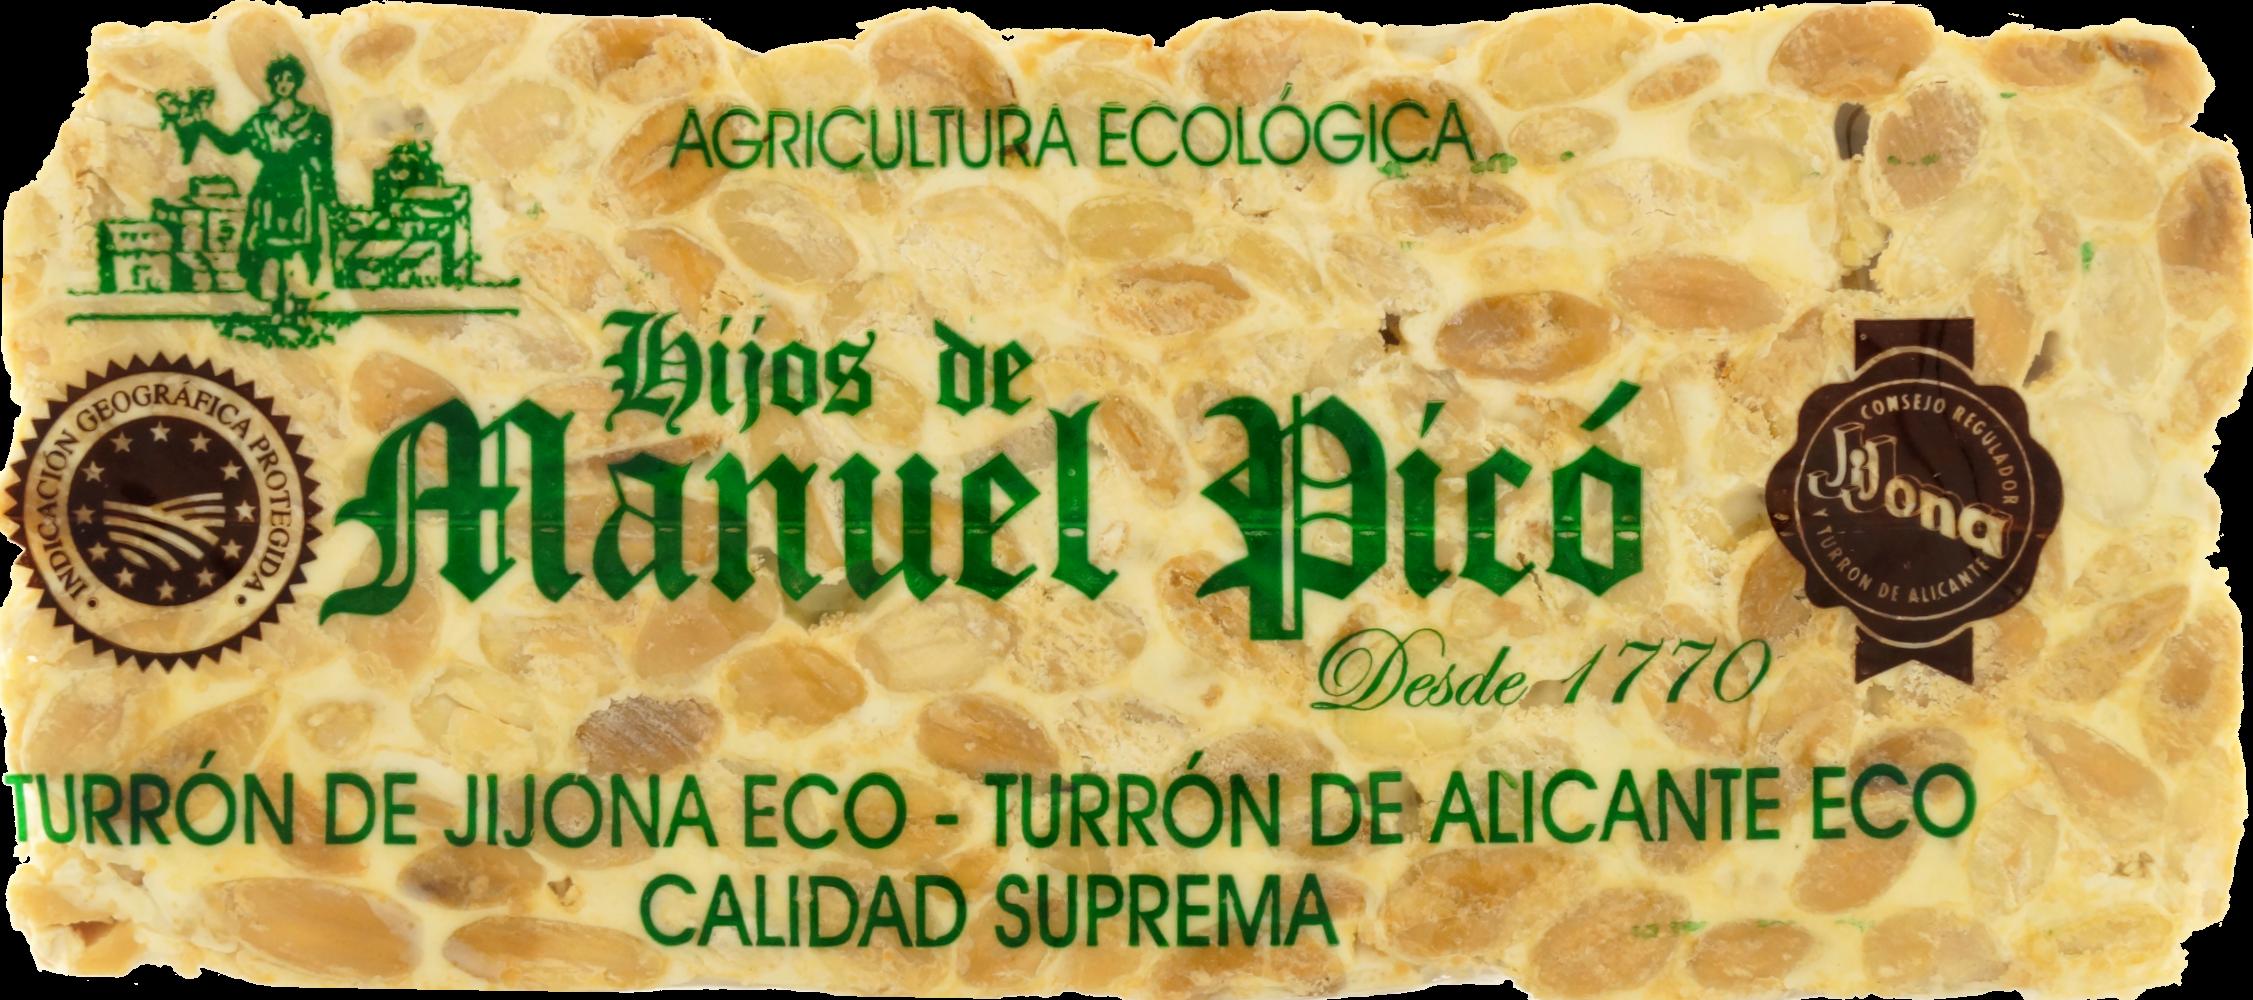 Turrón de Alicante Eco 200g